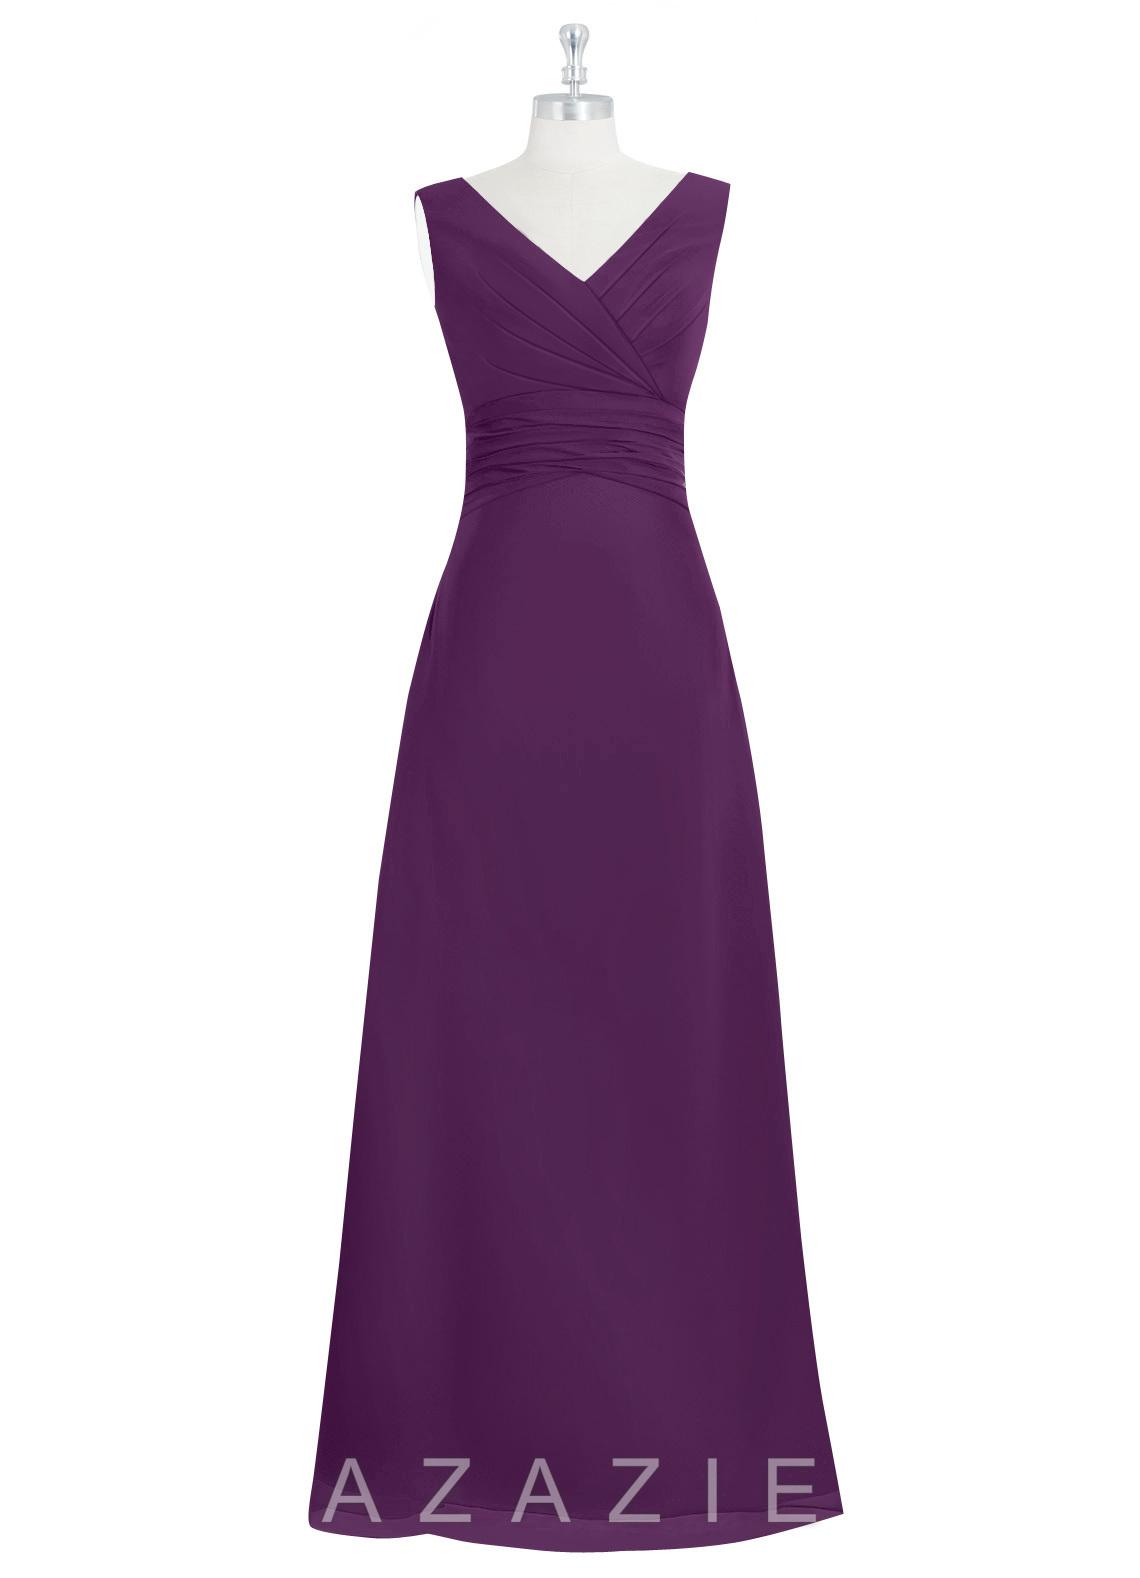 Azazie Mya Bridesmaid Dress | Azazie